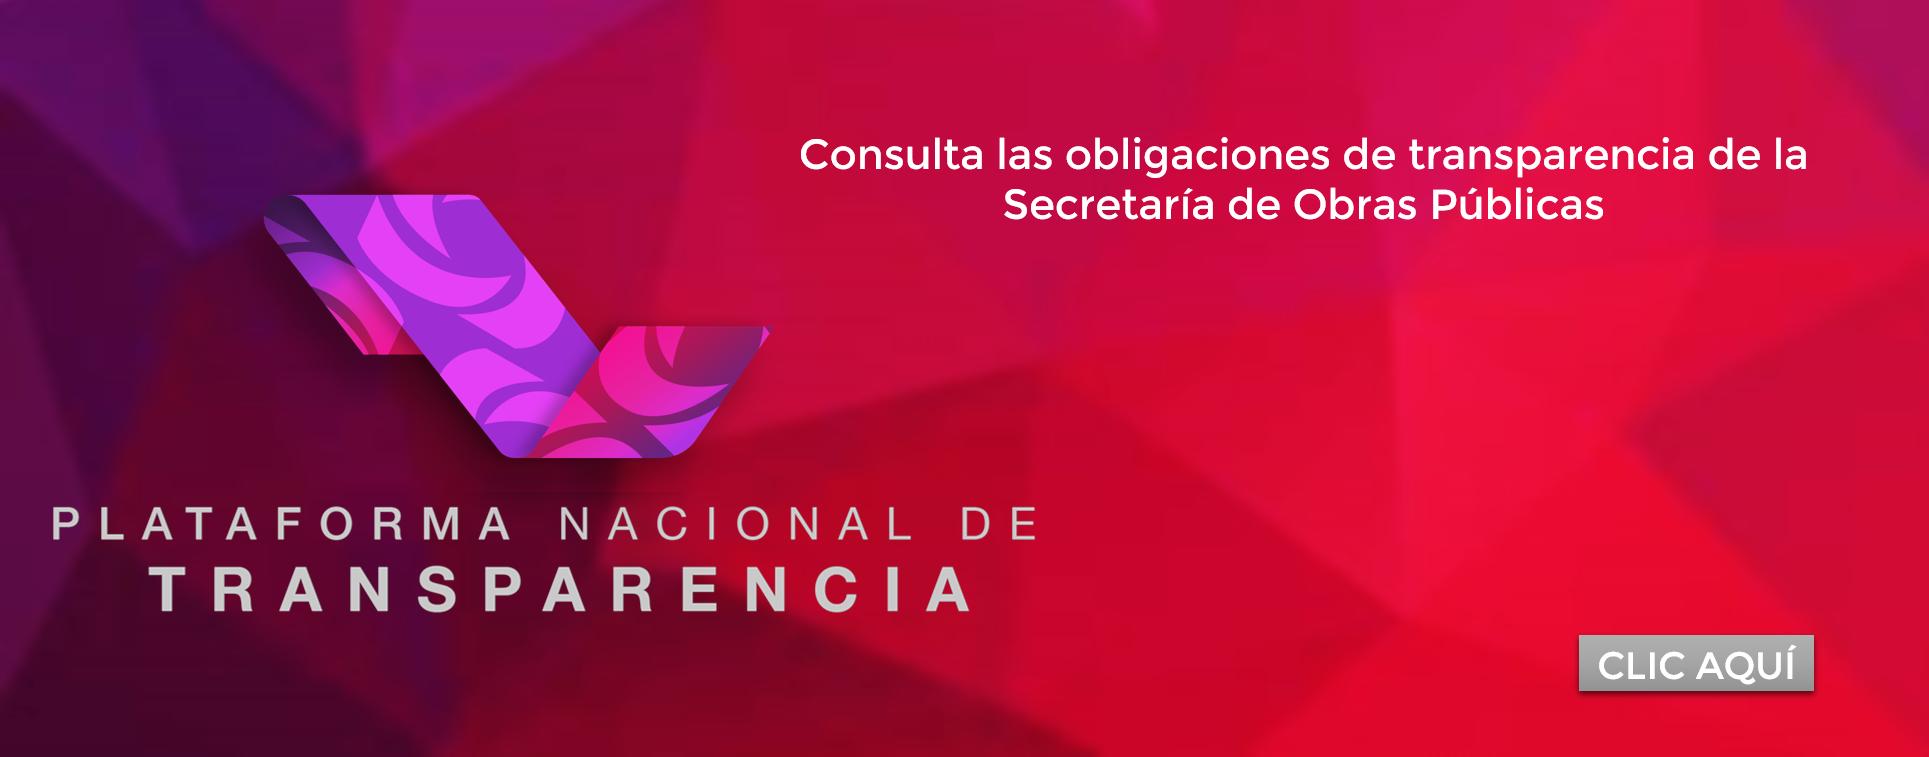 Consulta las obligaciones de transparencia de la Secretaría de Obras Públicas